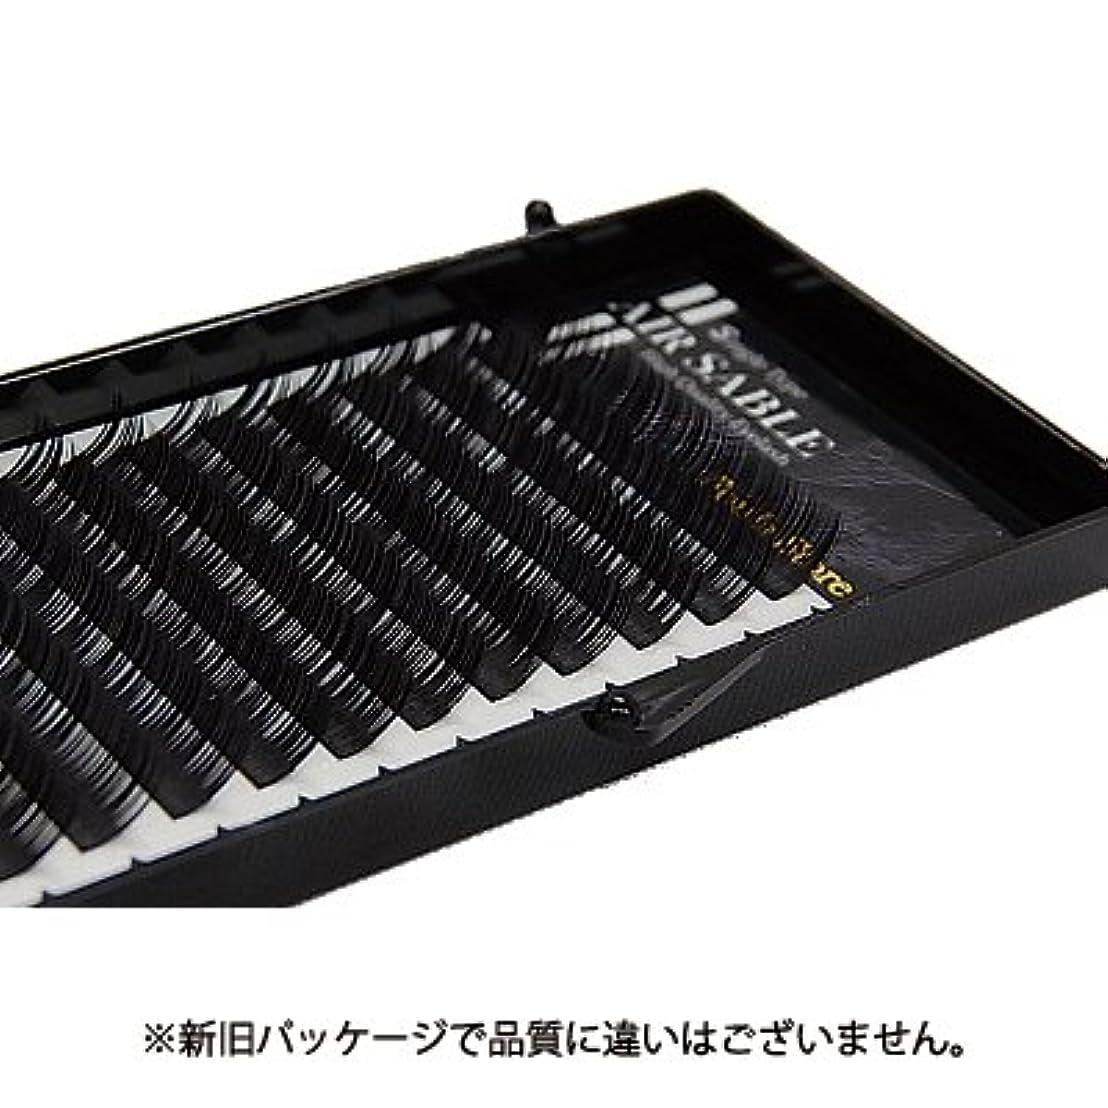 曲がったオーケストラ光電【フーラ】エアーセーブル シート 12列 Cカール 10mm×0.15mm